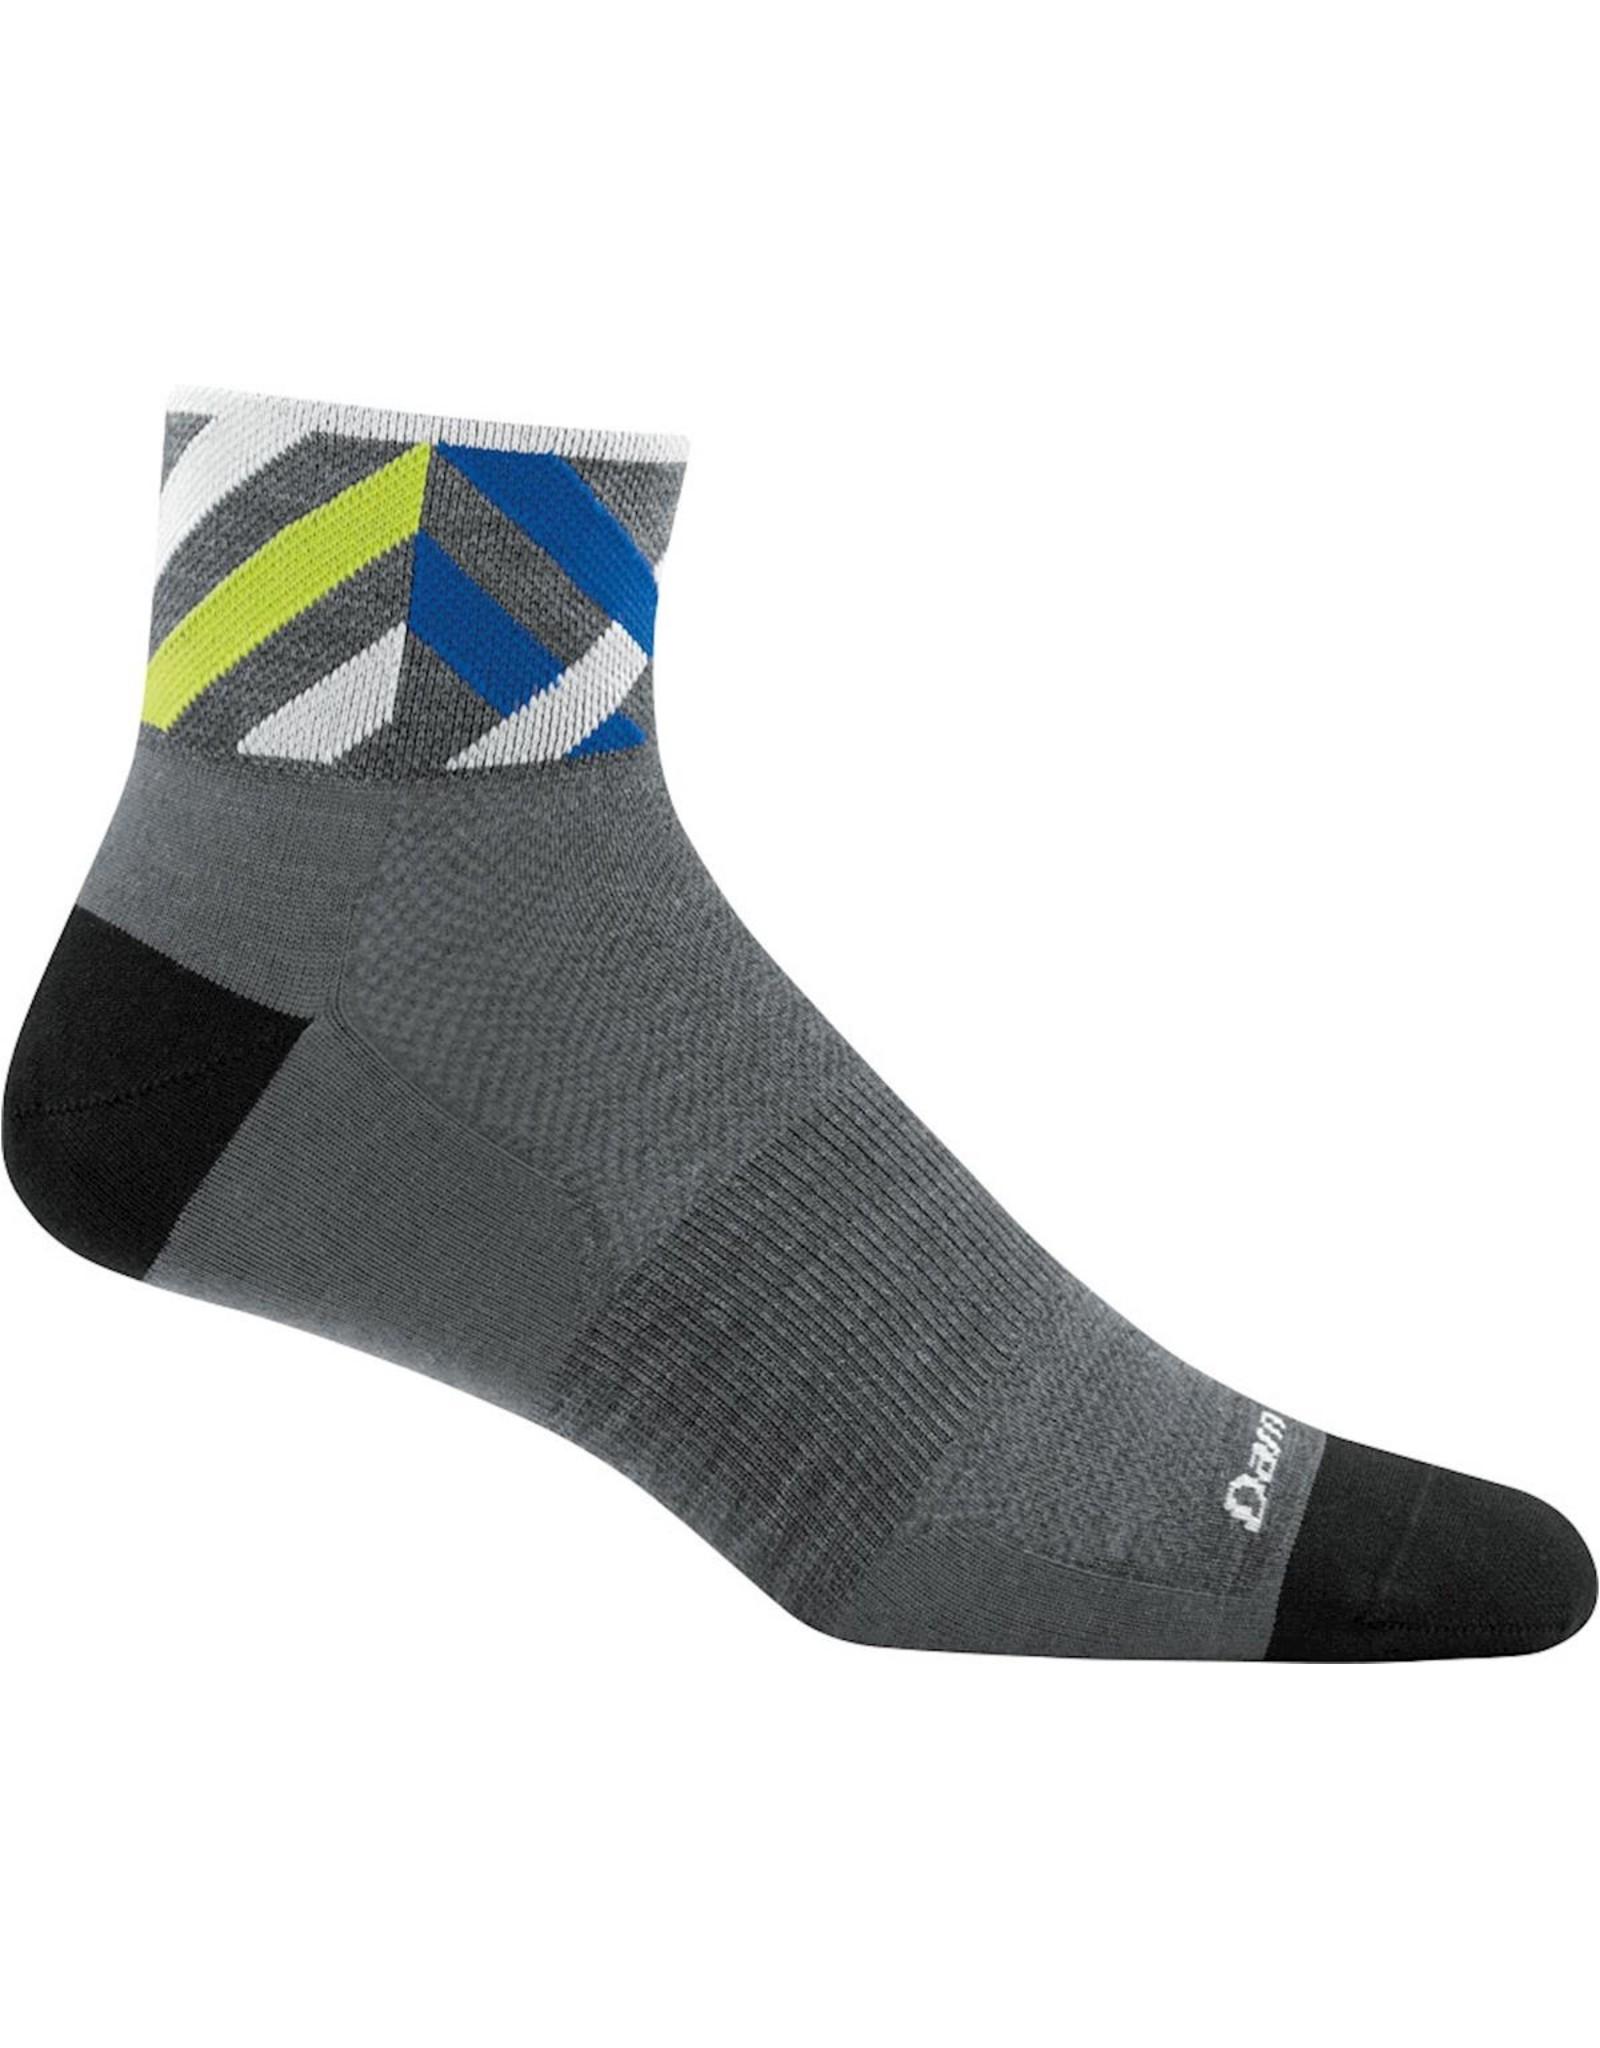 Darn Tough Darn Tough M Graphic 1/4 Sock UL